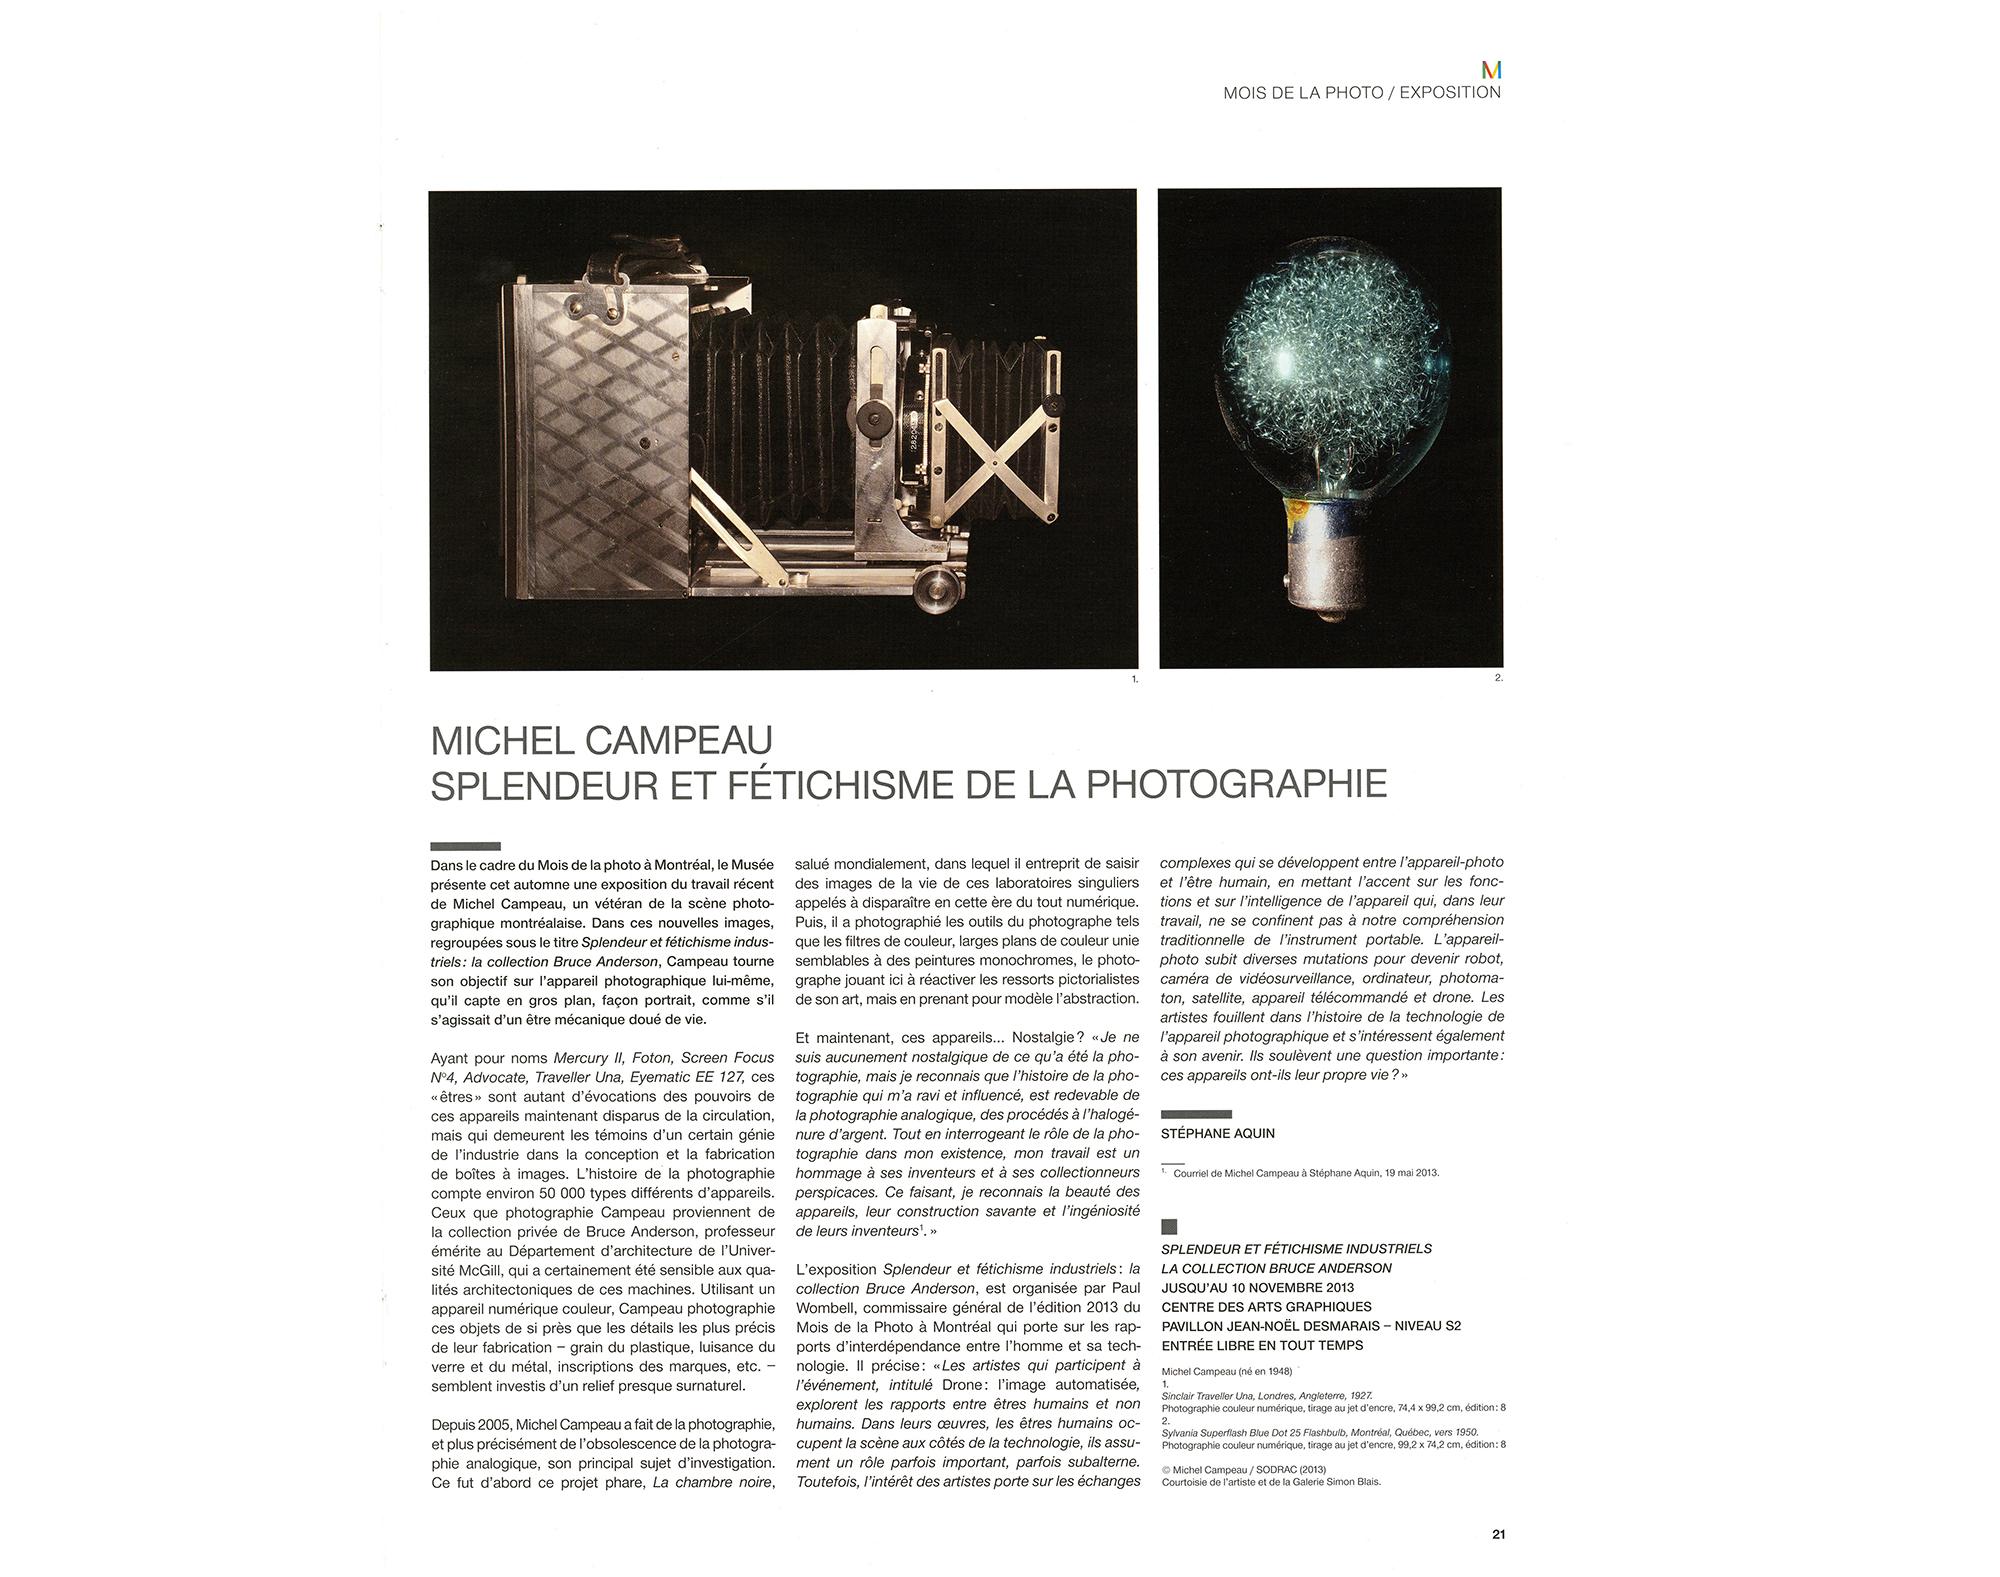 Stéphane Aquin, La revue du Musée des Beaux-Arts de Montréal, de septembre à décembre 2013, p. 21